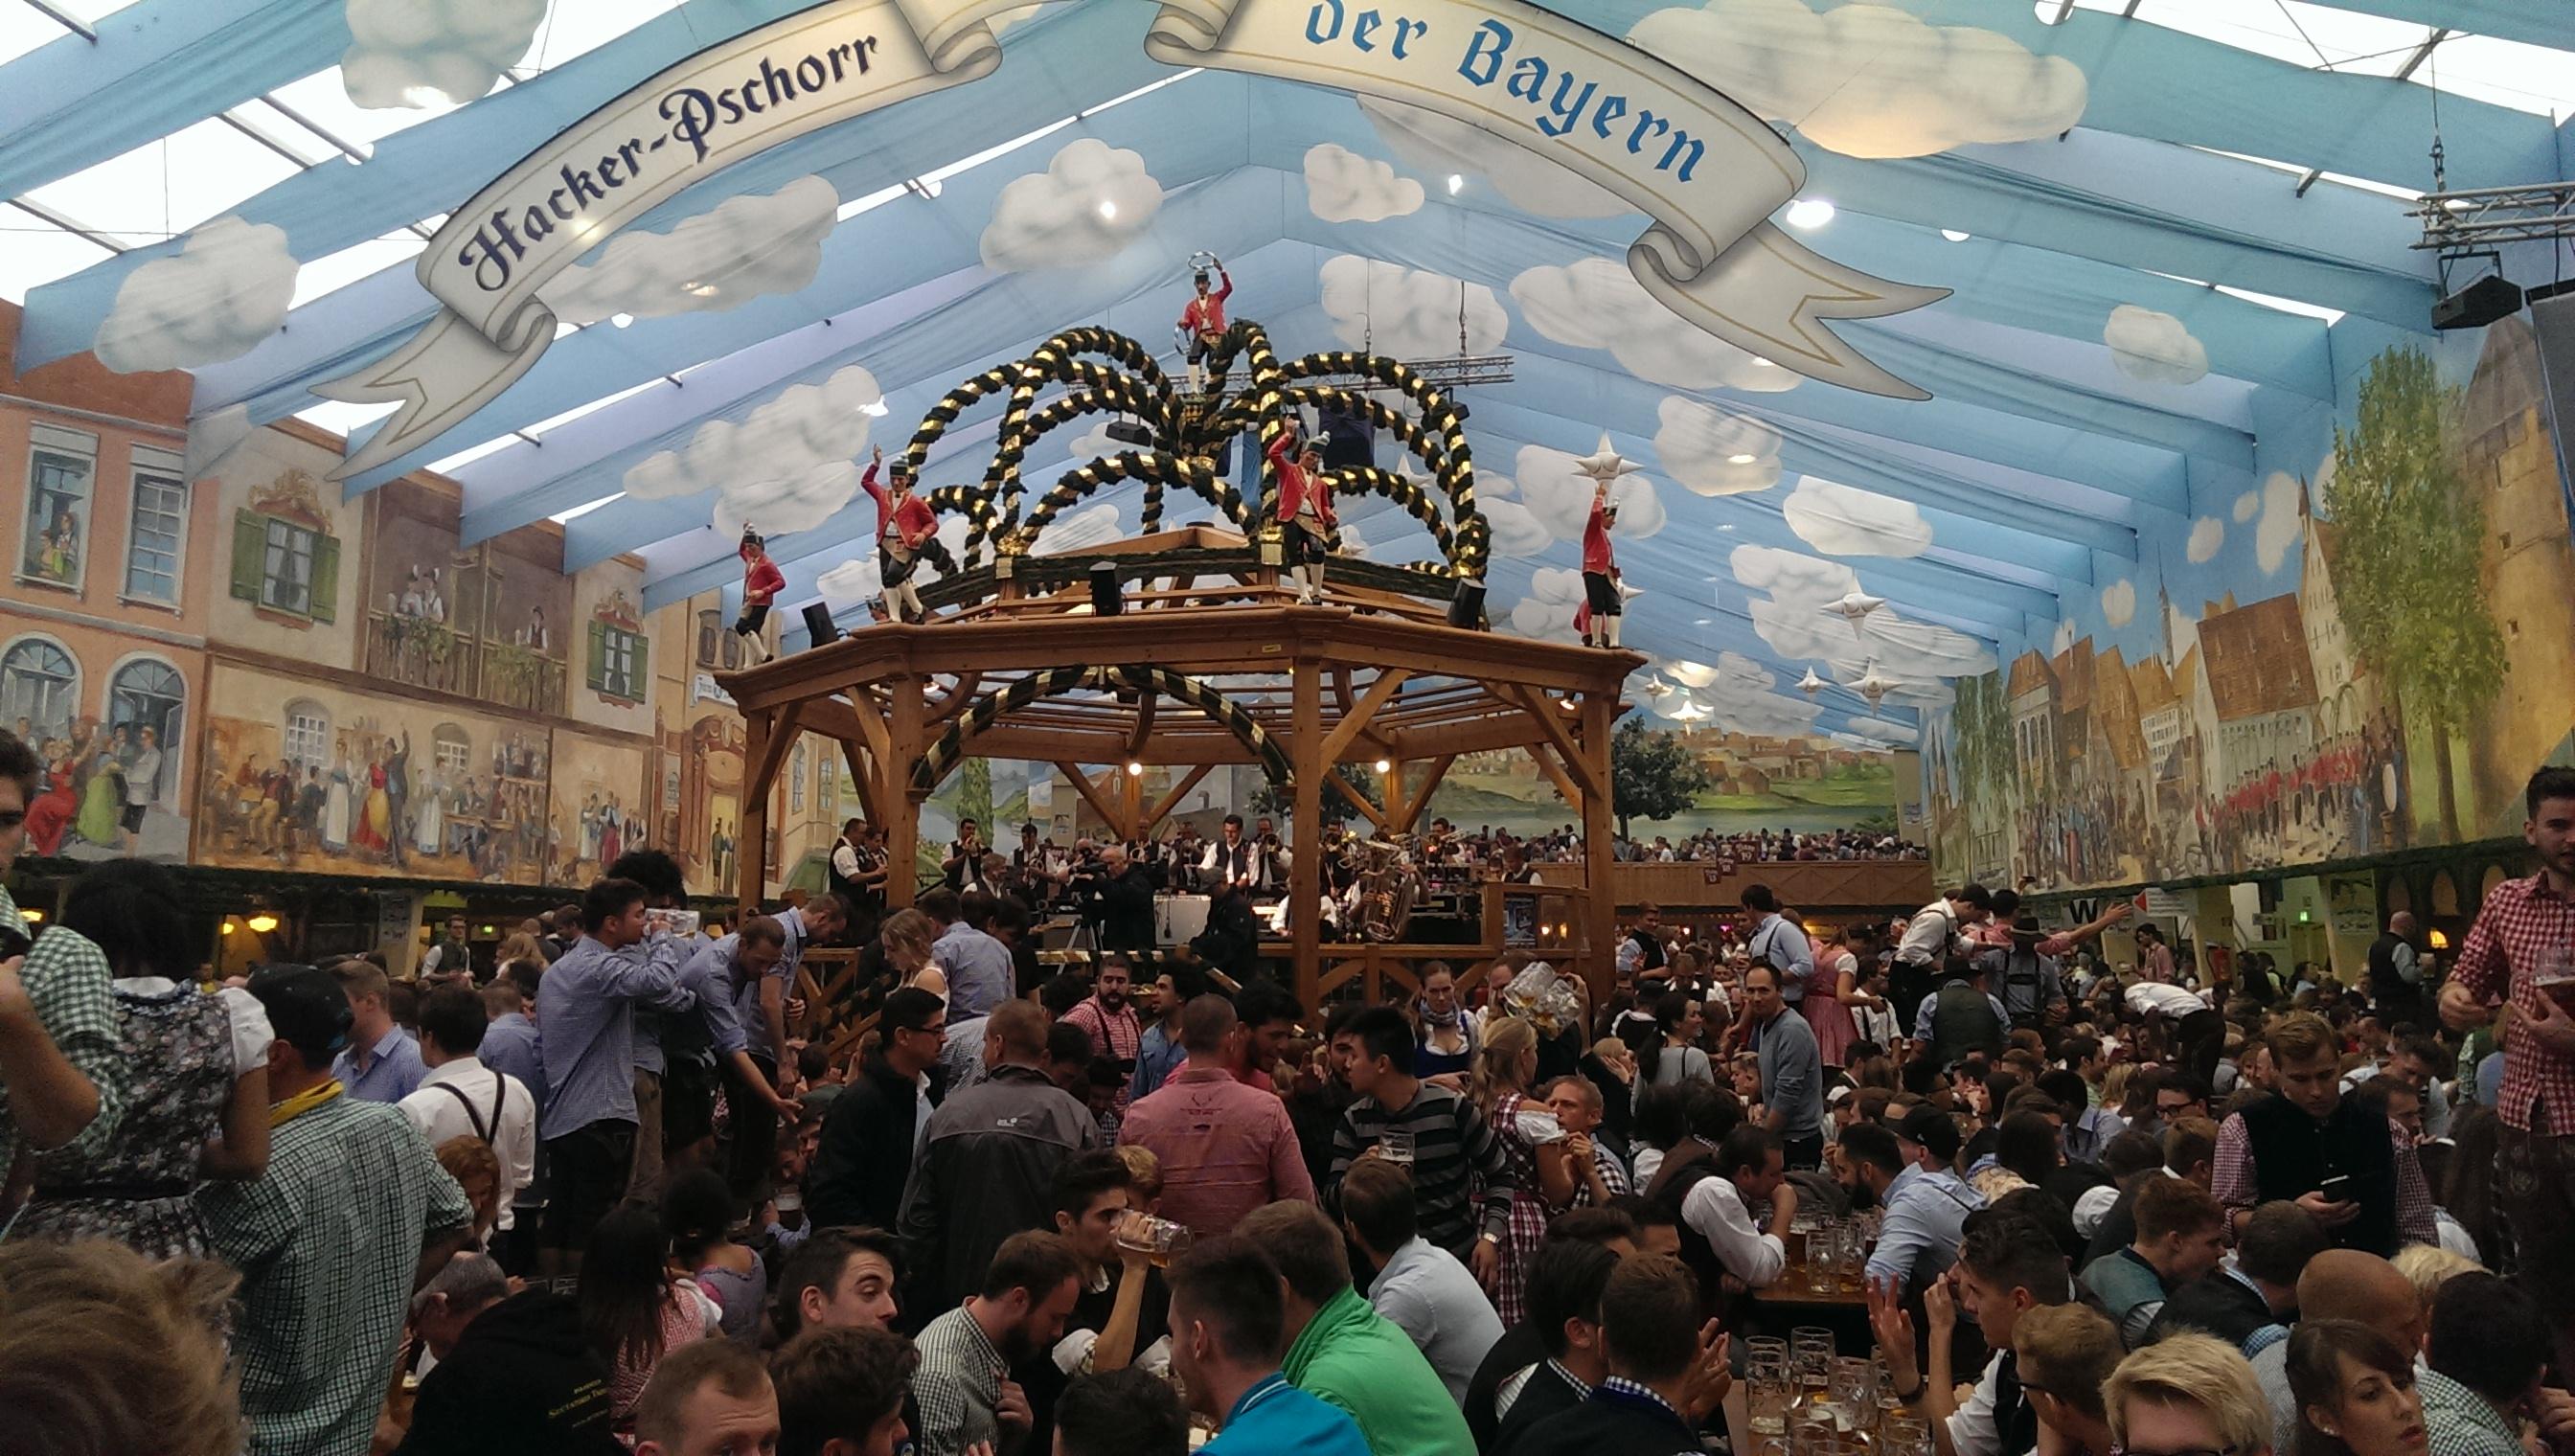 """W każdym namiocie na środku jest orkiestra która na żywo gra super muzykę. Począwszy od tradycyjnych niemieckich piosenek, poprzez niemieckie """"disco polo"""" aż po ponadczasowe międzynarodowe hity! Każdy znajdzie coś dla siebie! Atmosfera jest naprawdę niesamowita! Ludzie tańczą na stołach, śpiewają, każdy się dobrze bawi!"""